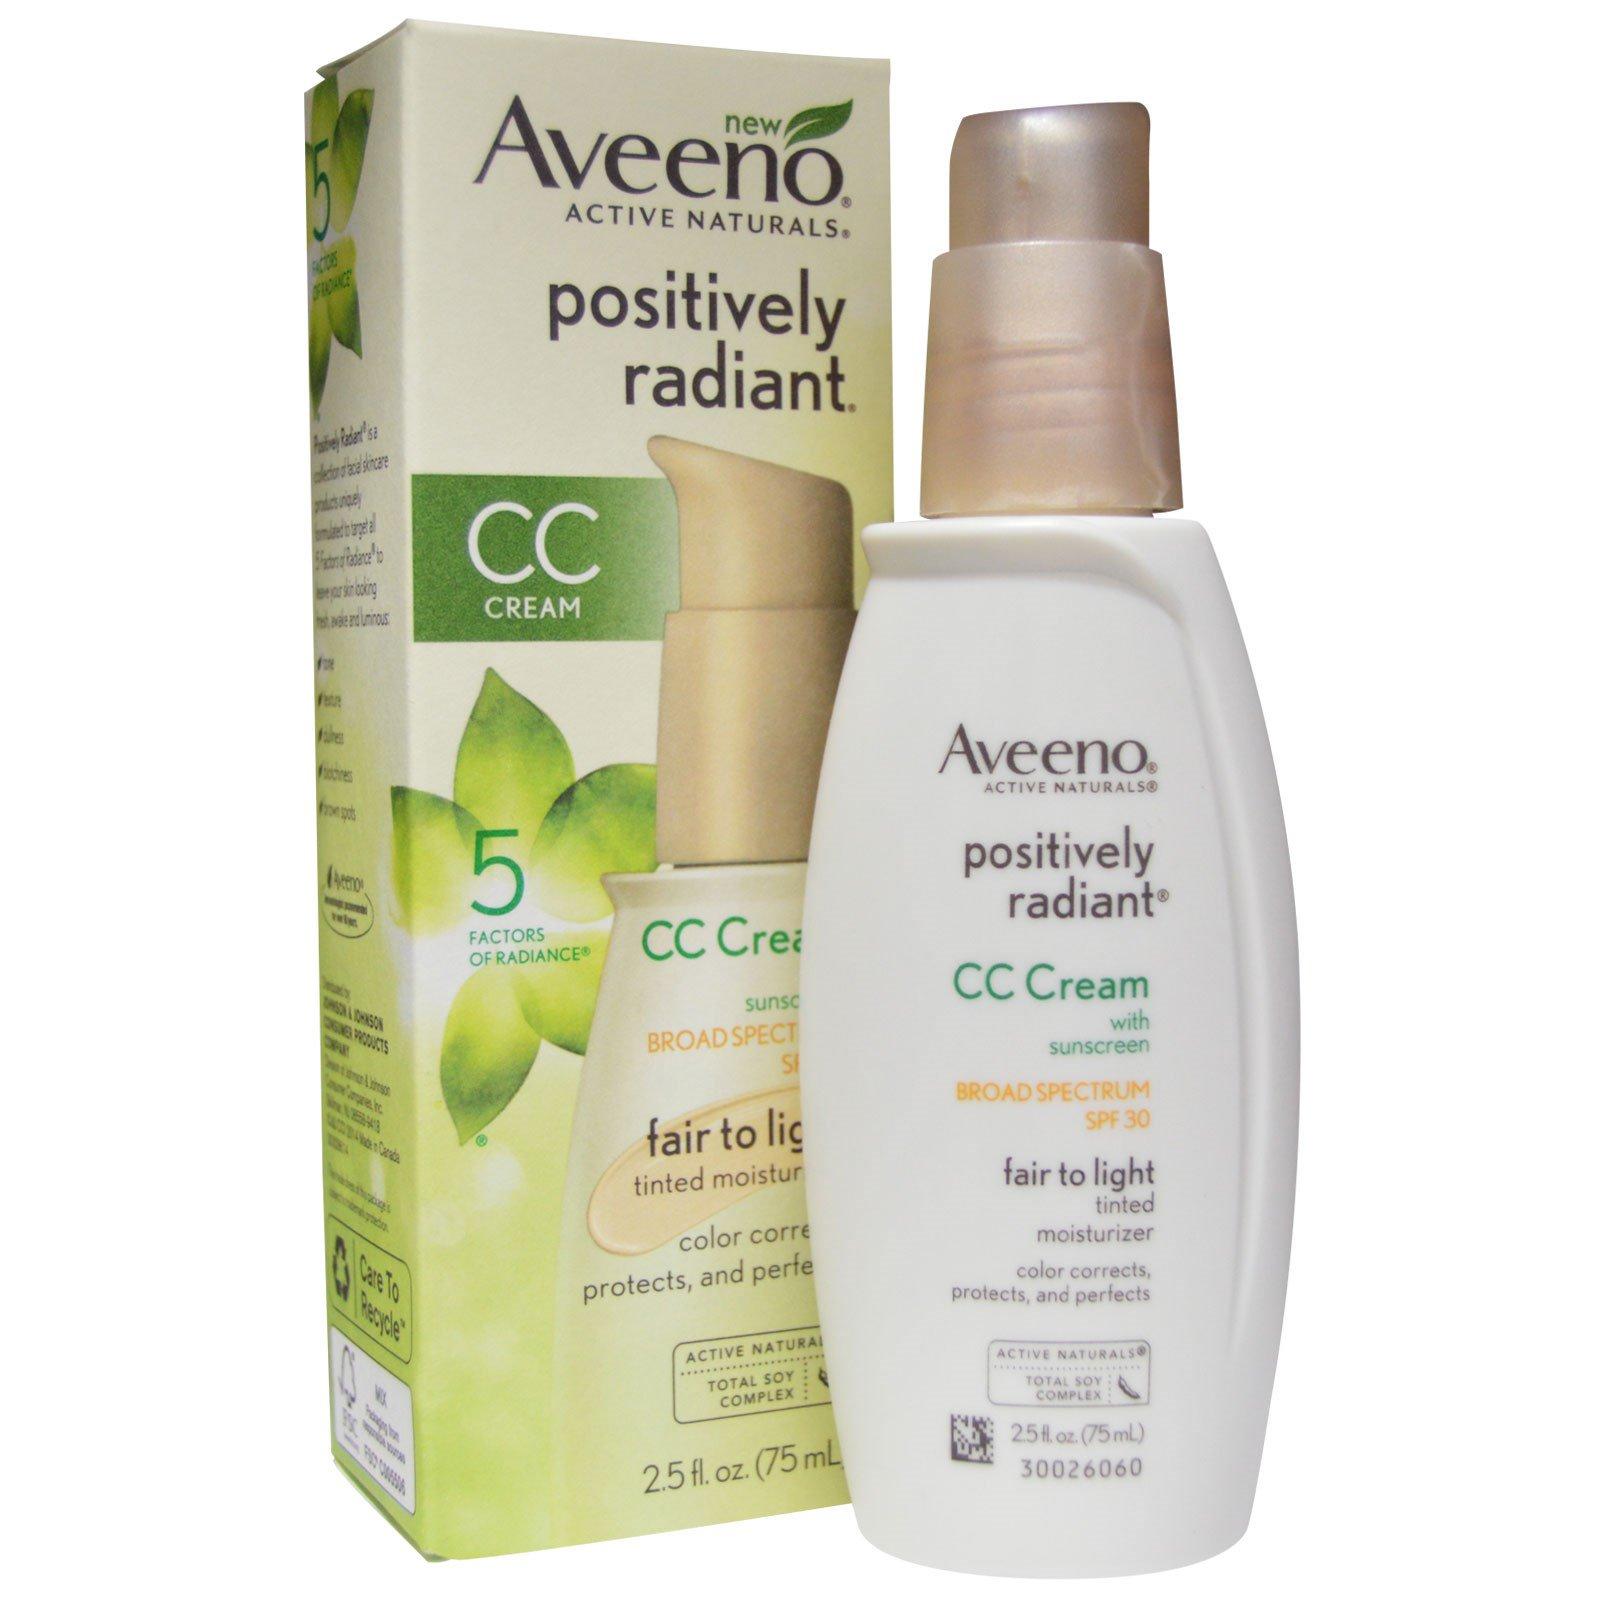 Aveeno, Поизитивный излучения, CC-крем, SPF 30, тусклый до светлого, 75 мл (2,5 жидких унций)